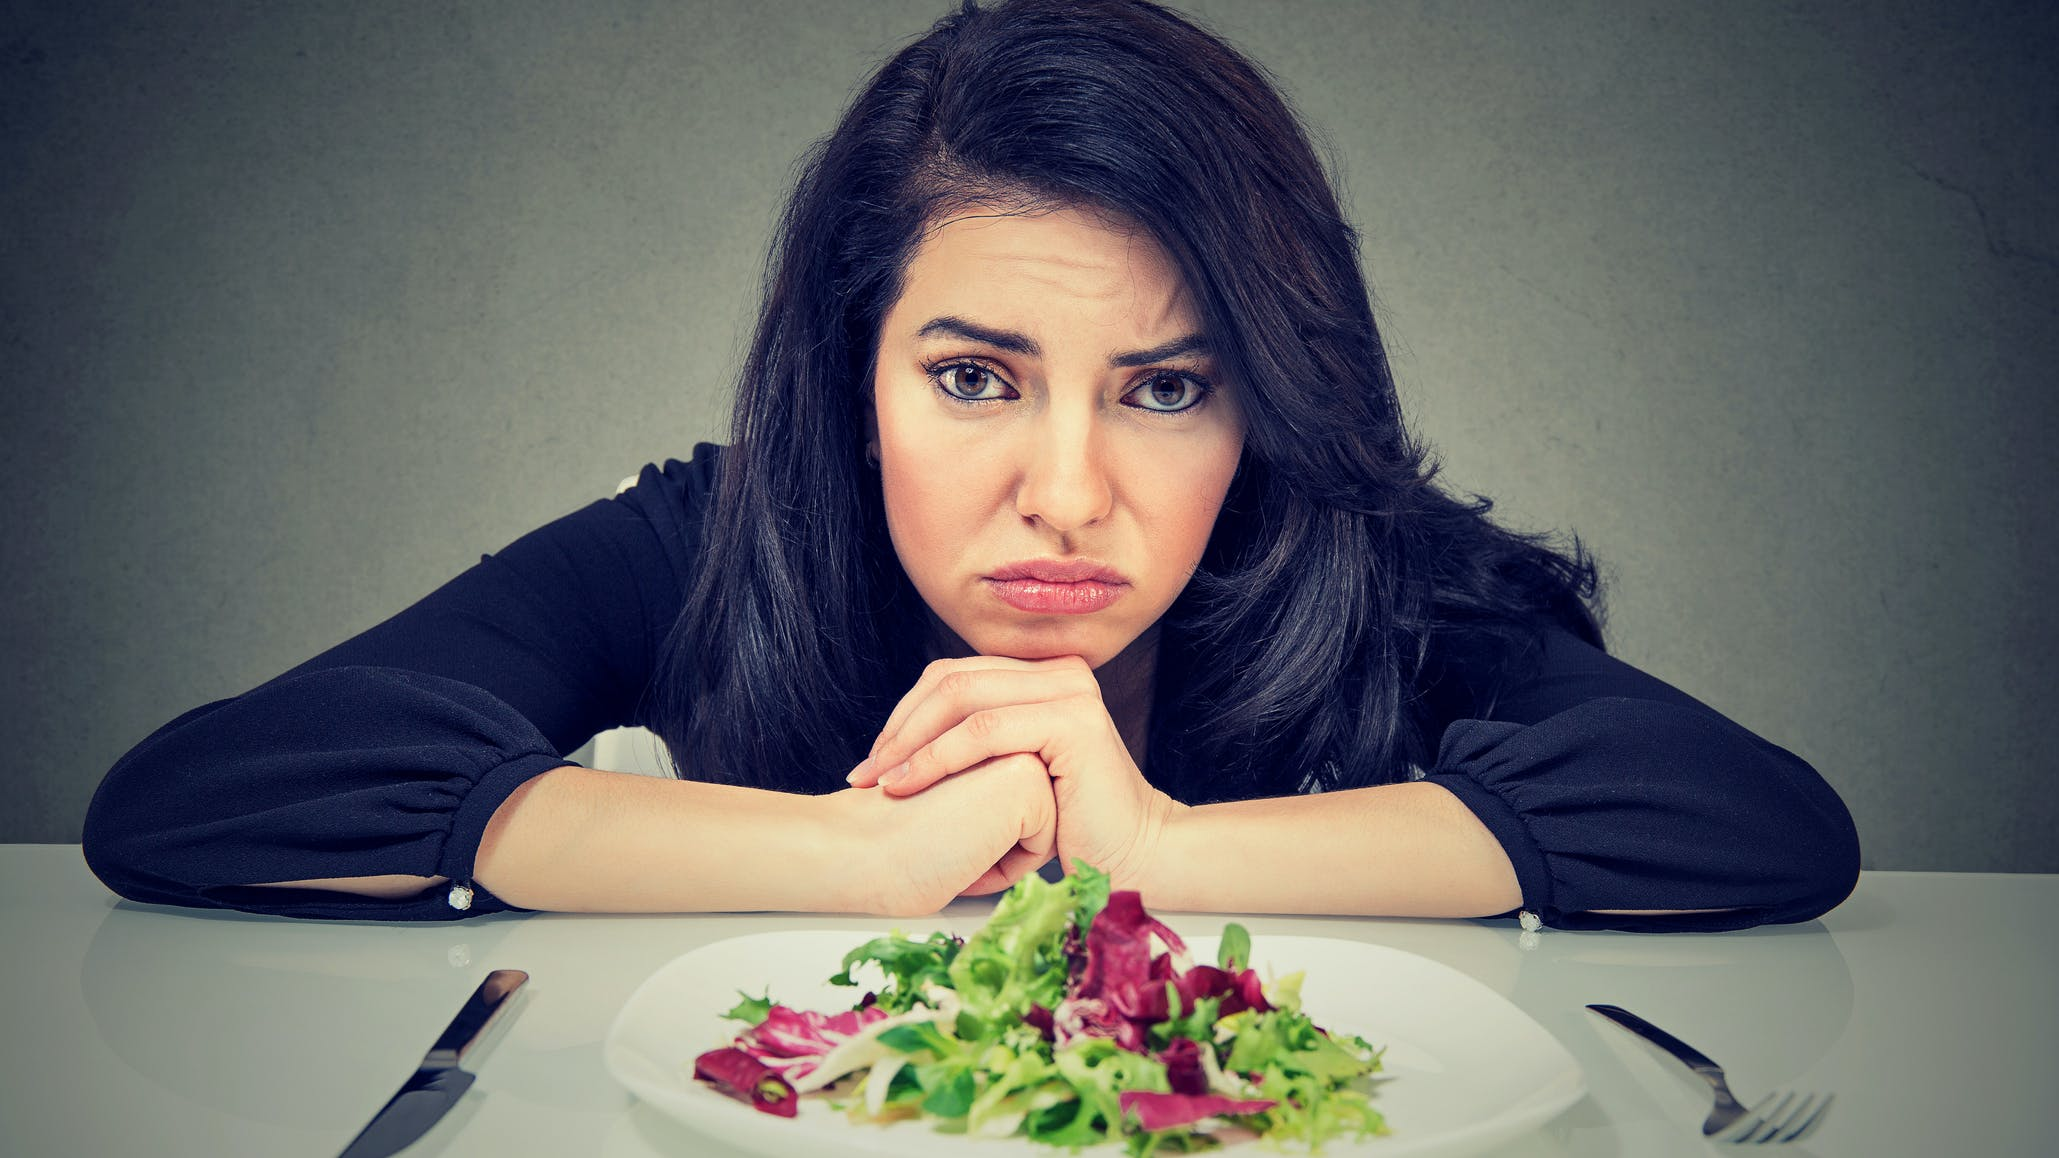 Mujer disgustada frente a plato